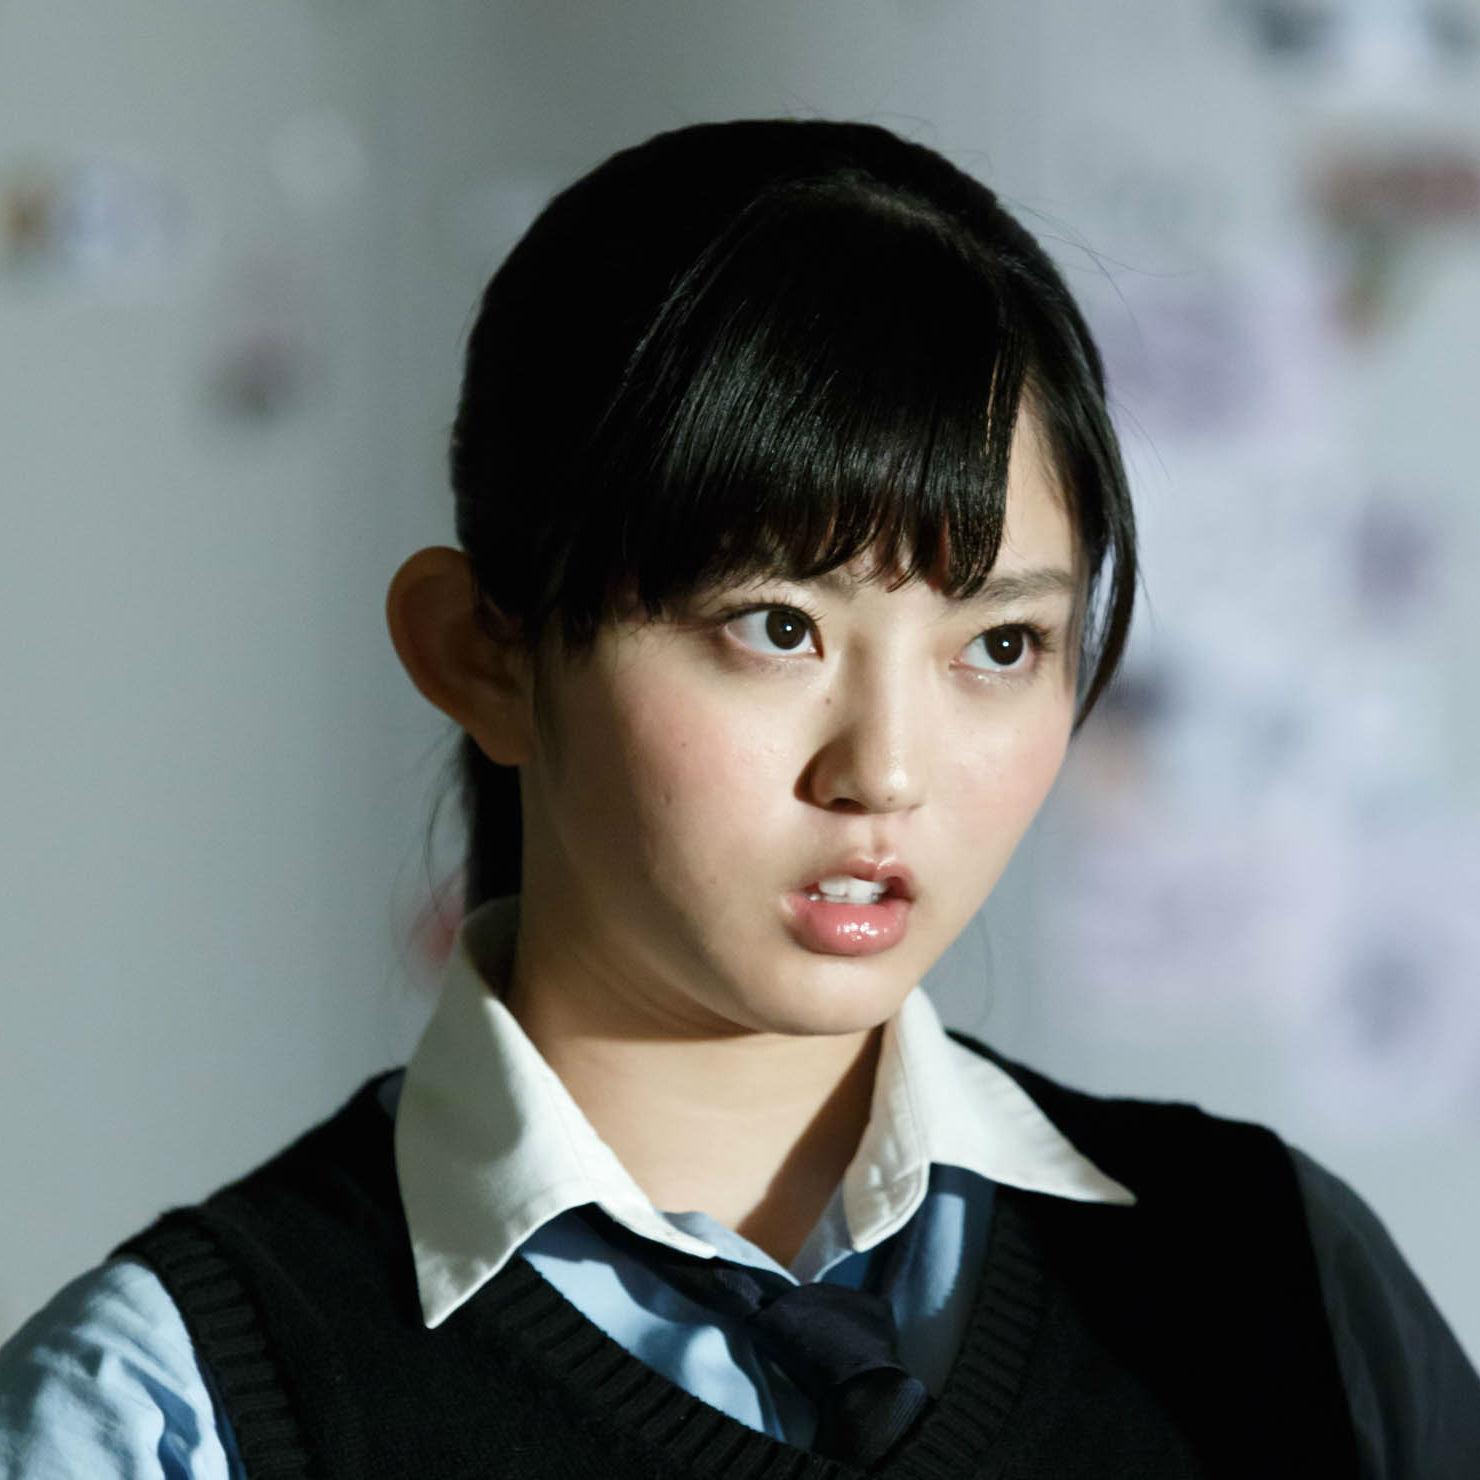 欅坂46・鈴本美愉さん<br />「昔の自分を思い出しながら演じています」<br />